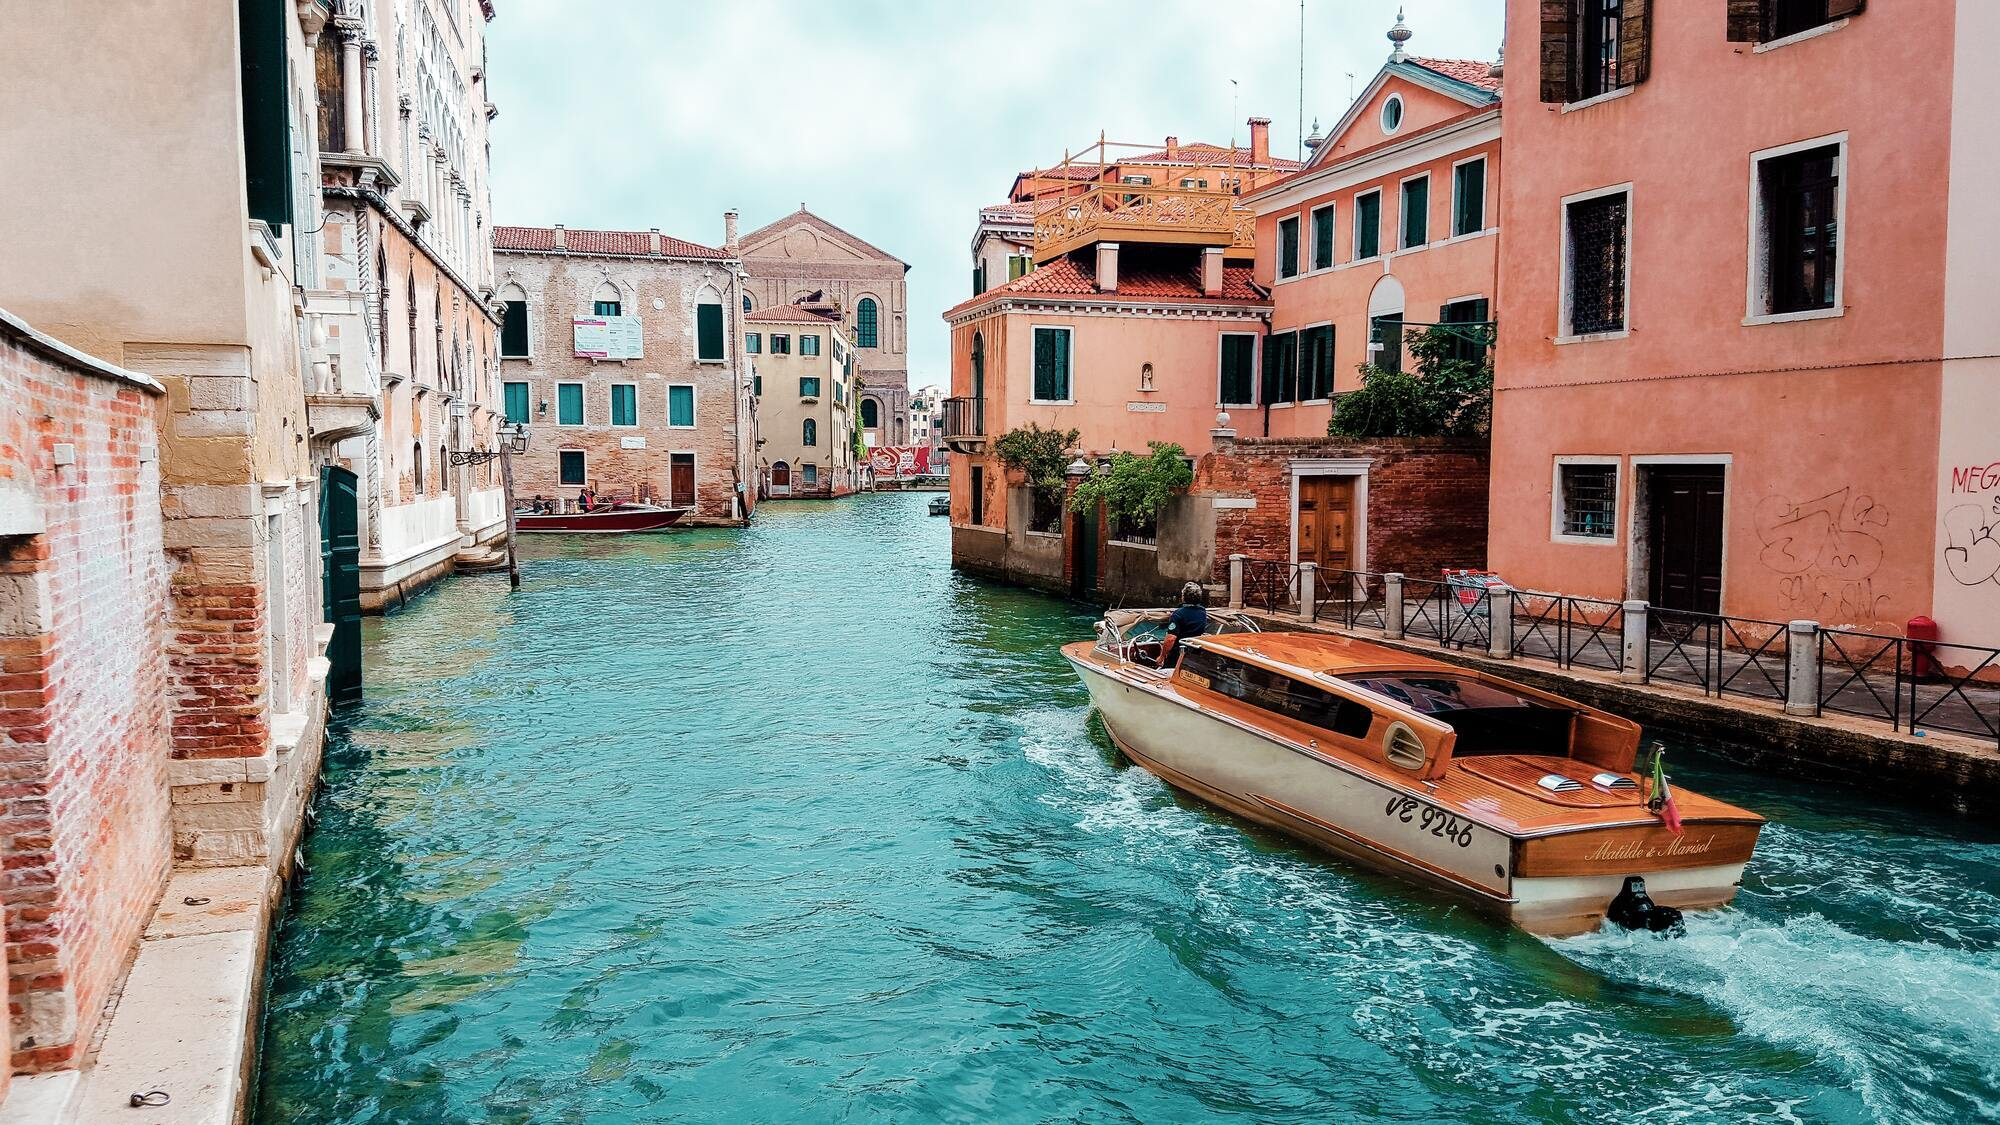 Оскільки туризм втратив багато грошей через пандемію коронавірусу, в Італії зараз будуть більш лояльними ціни для туристів.